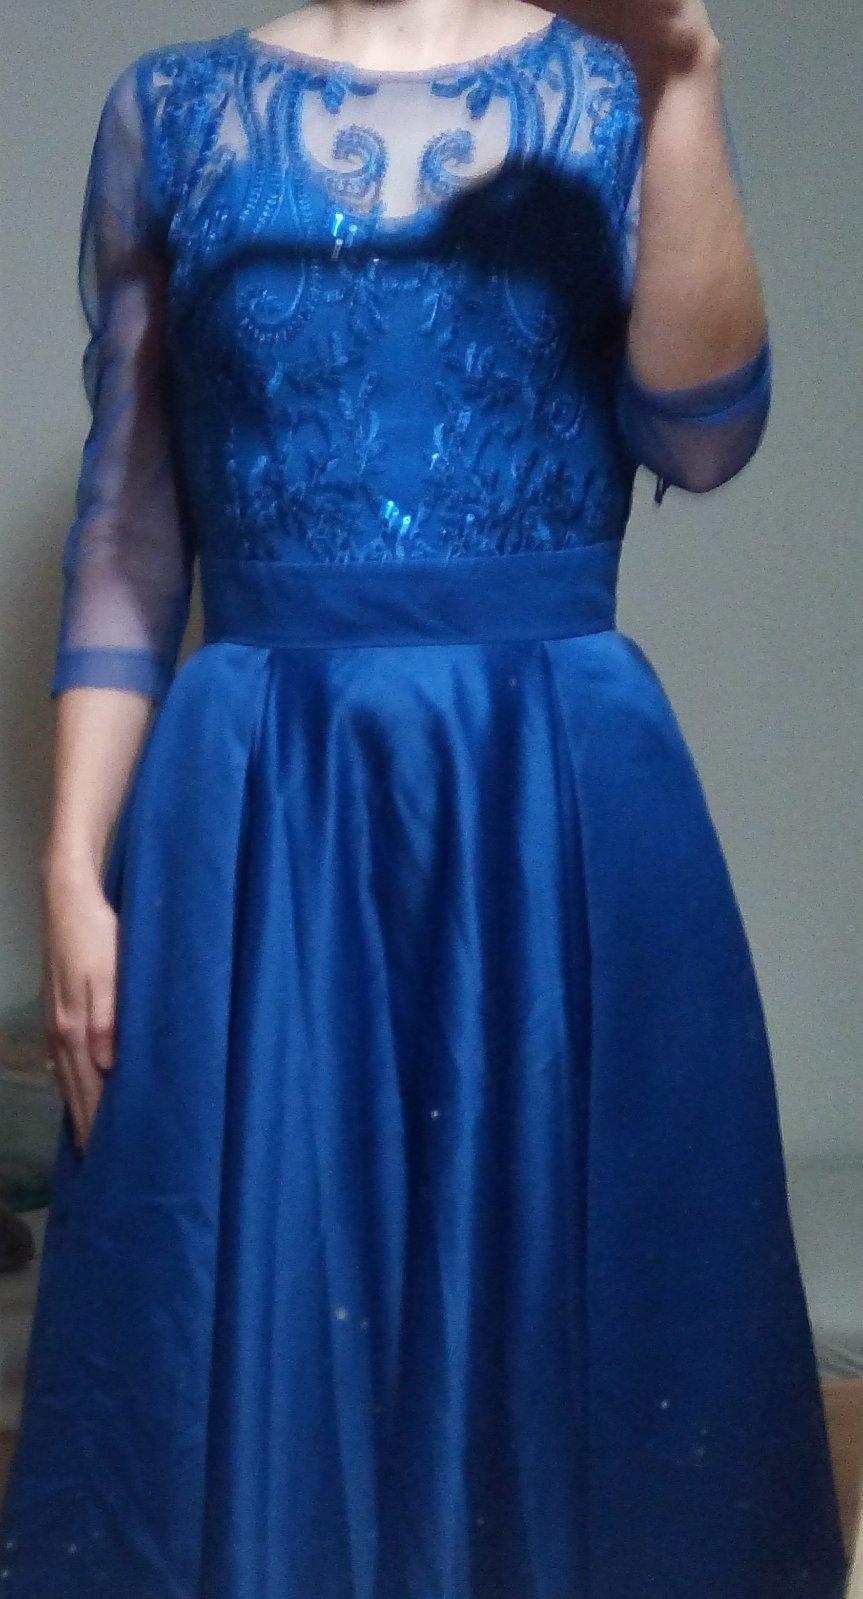 Kráľovsky modré šaty XS - Obrázok č. 1